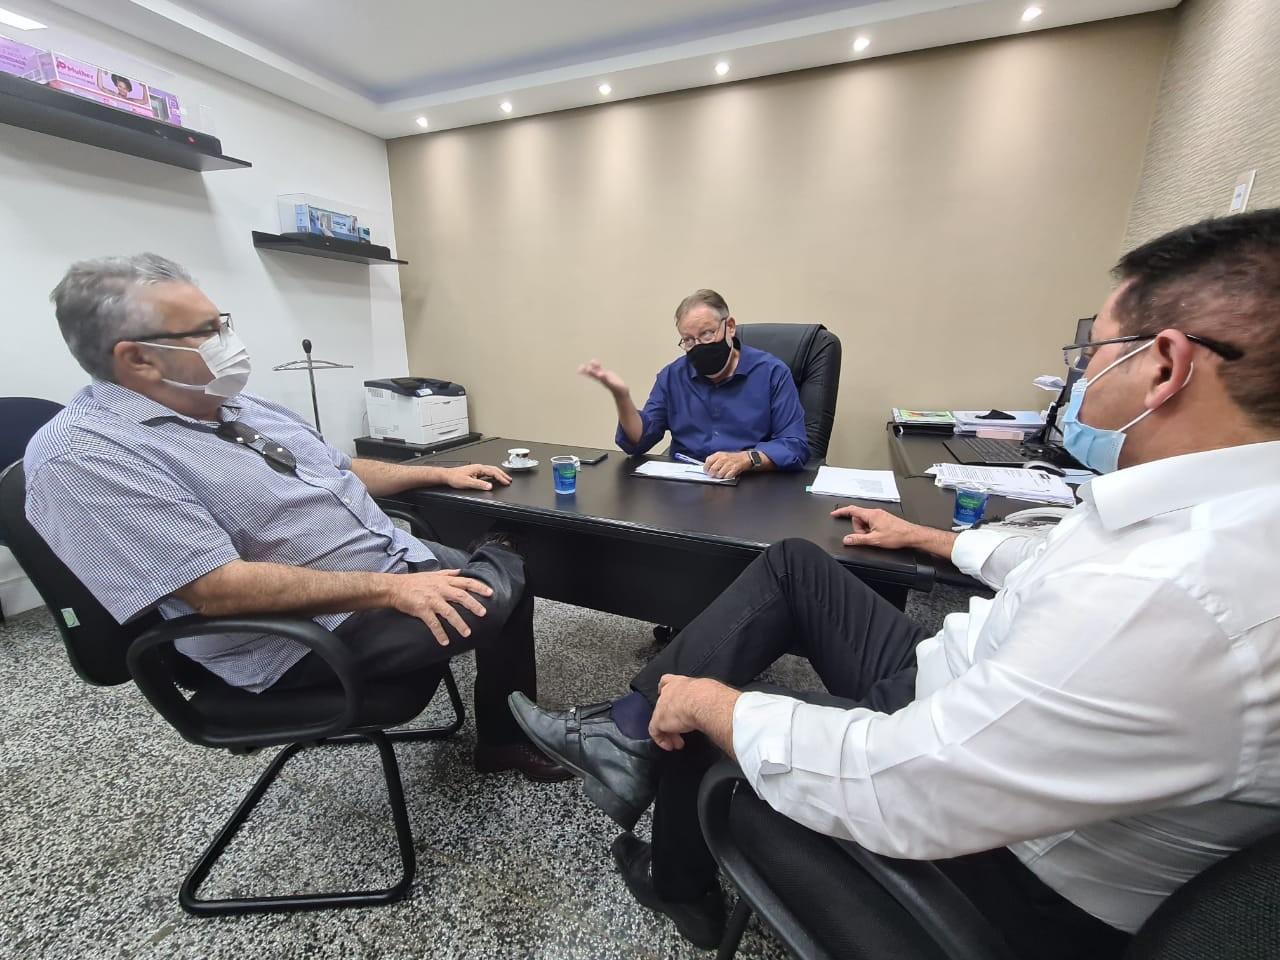 Mutirão de cirurgias ortopédicas para 400 pessoas na fila de espera deve ser realizado em Várzea Grande (MT)